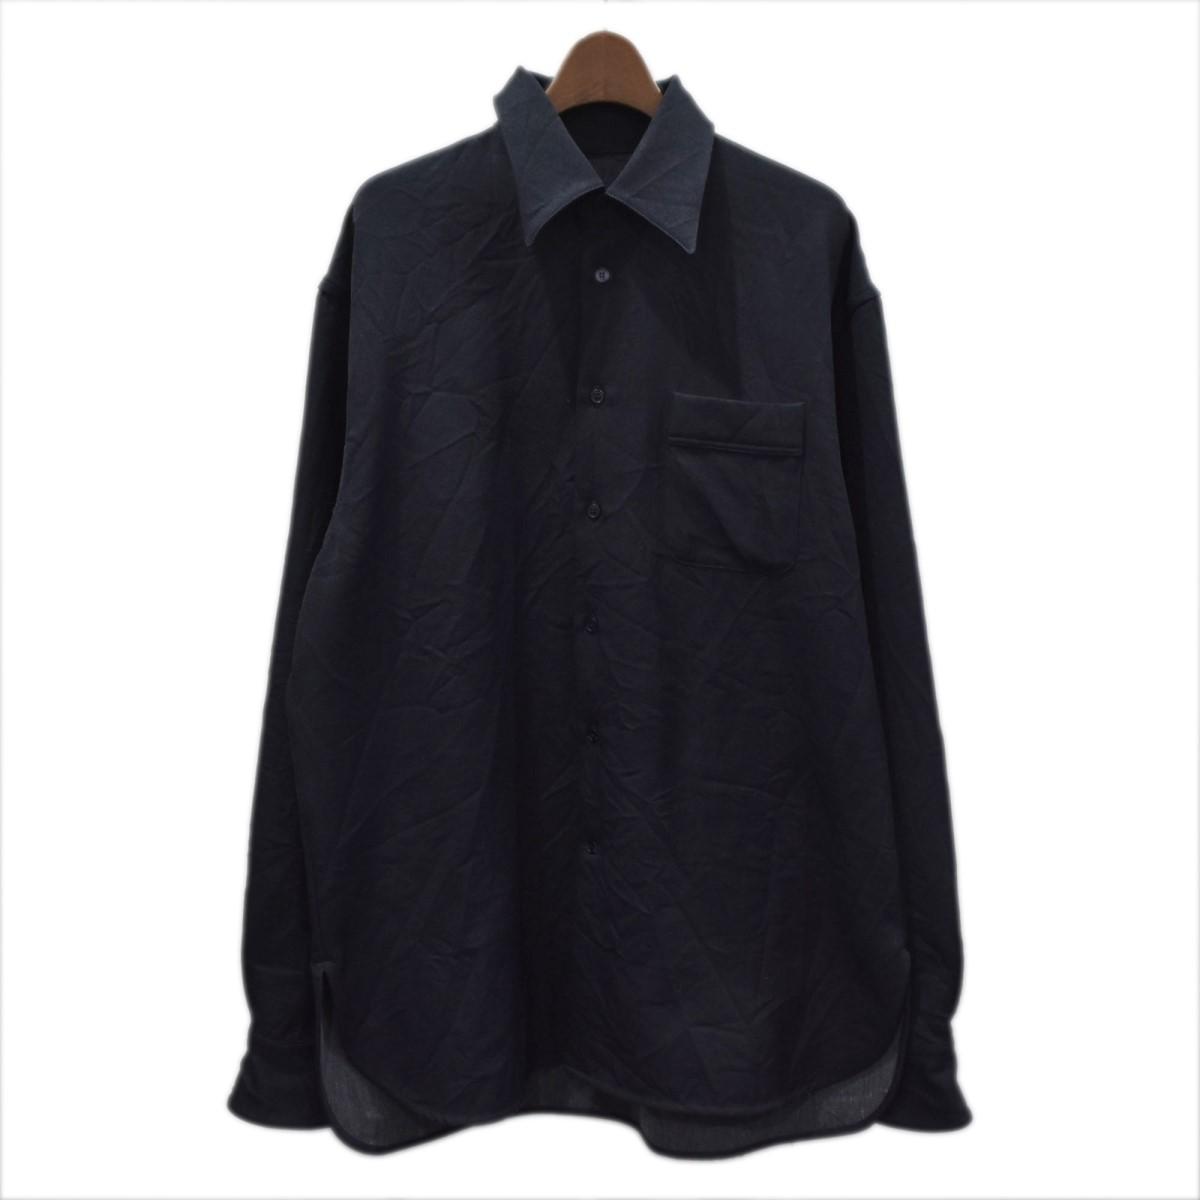 マルニ 本店 中古 MARNI 20SS 290121 ネイビー 長袖シャツ サイズ:44 現品